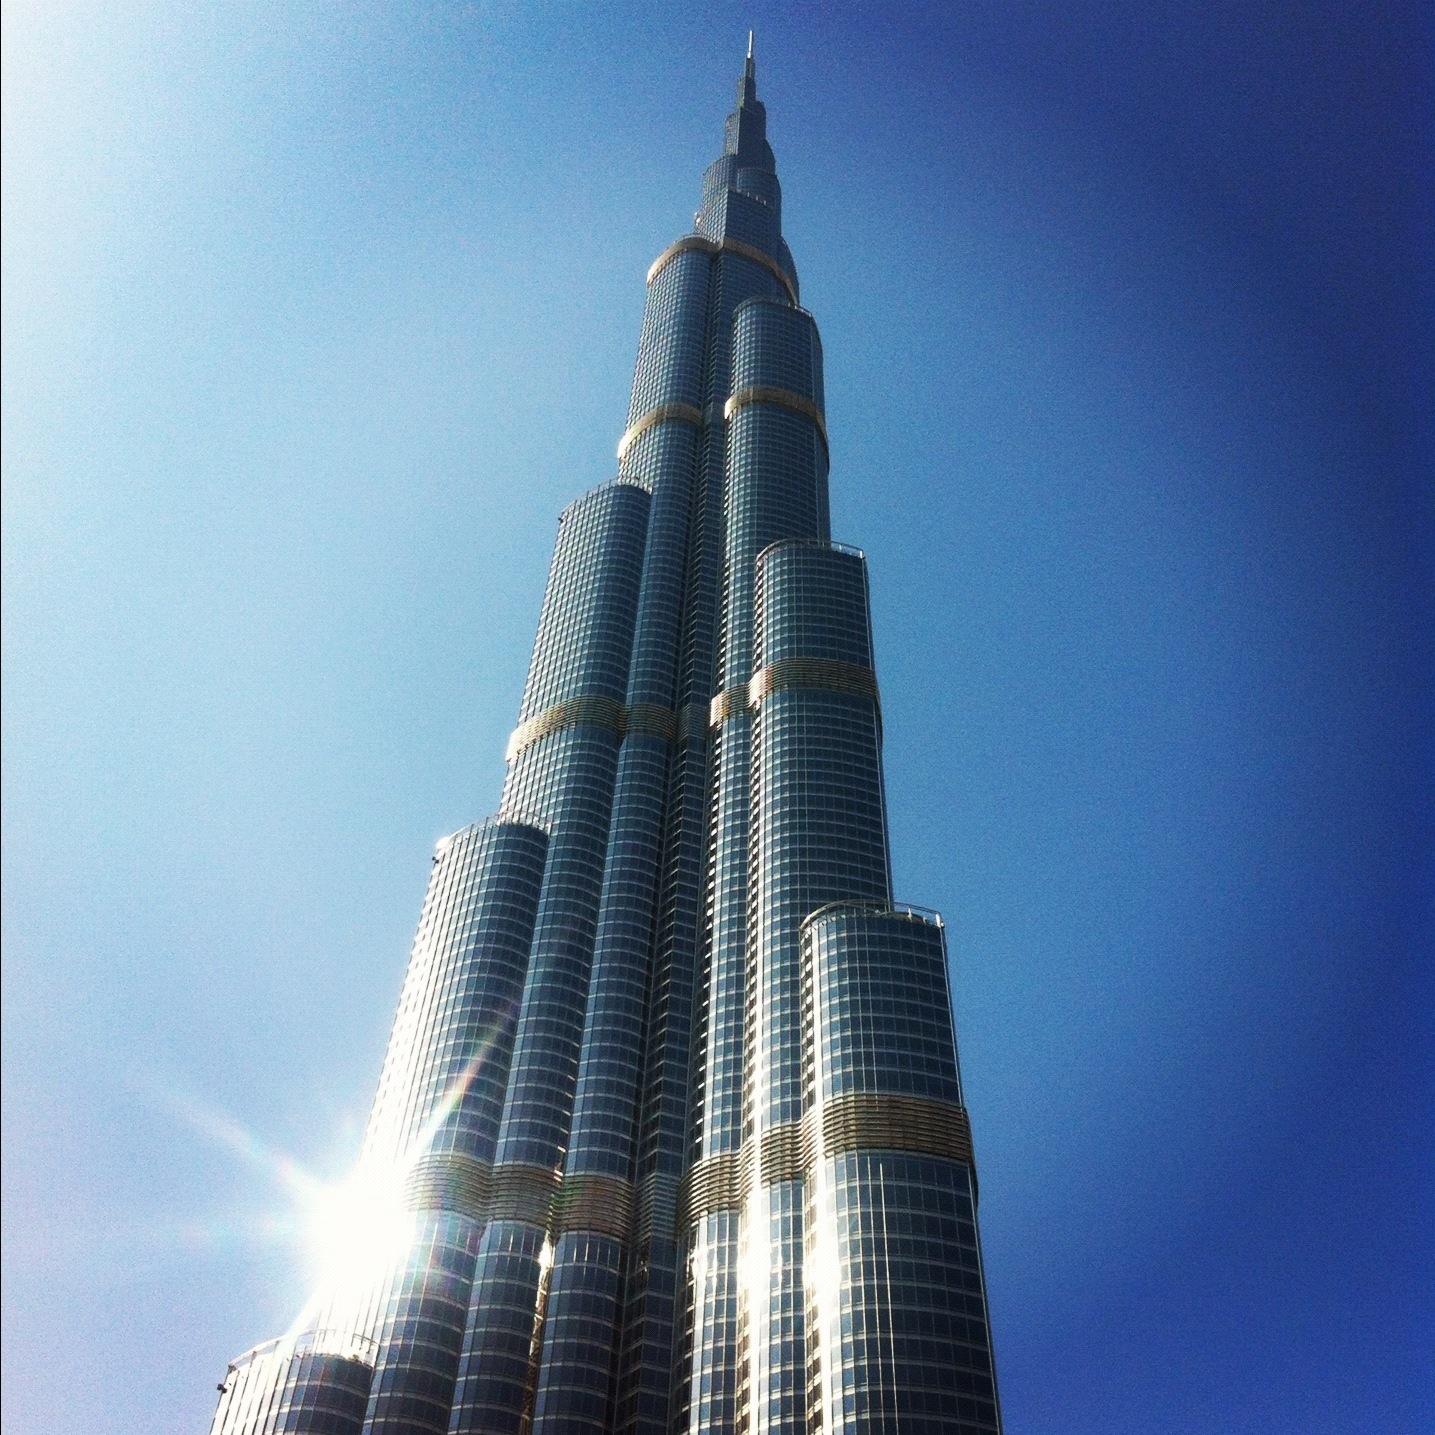 Burj Khalifa Fresh HD Wallpaper 2013 World HD Wallpapers 1435x1435